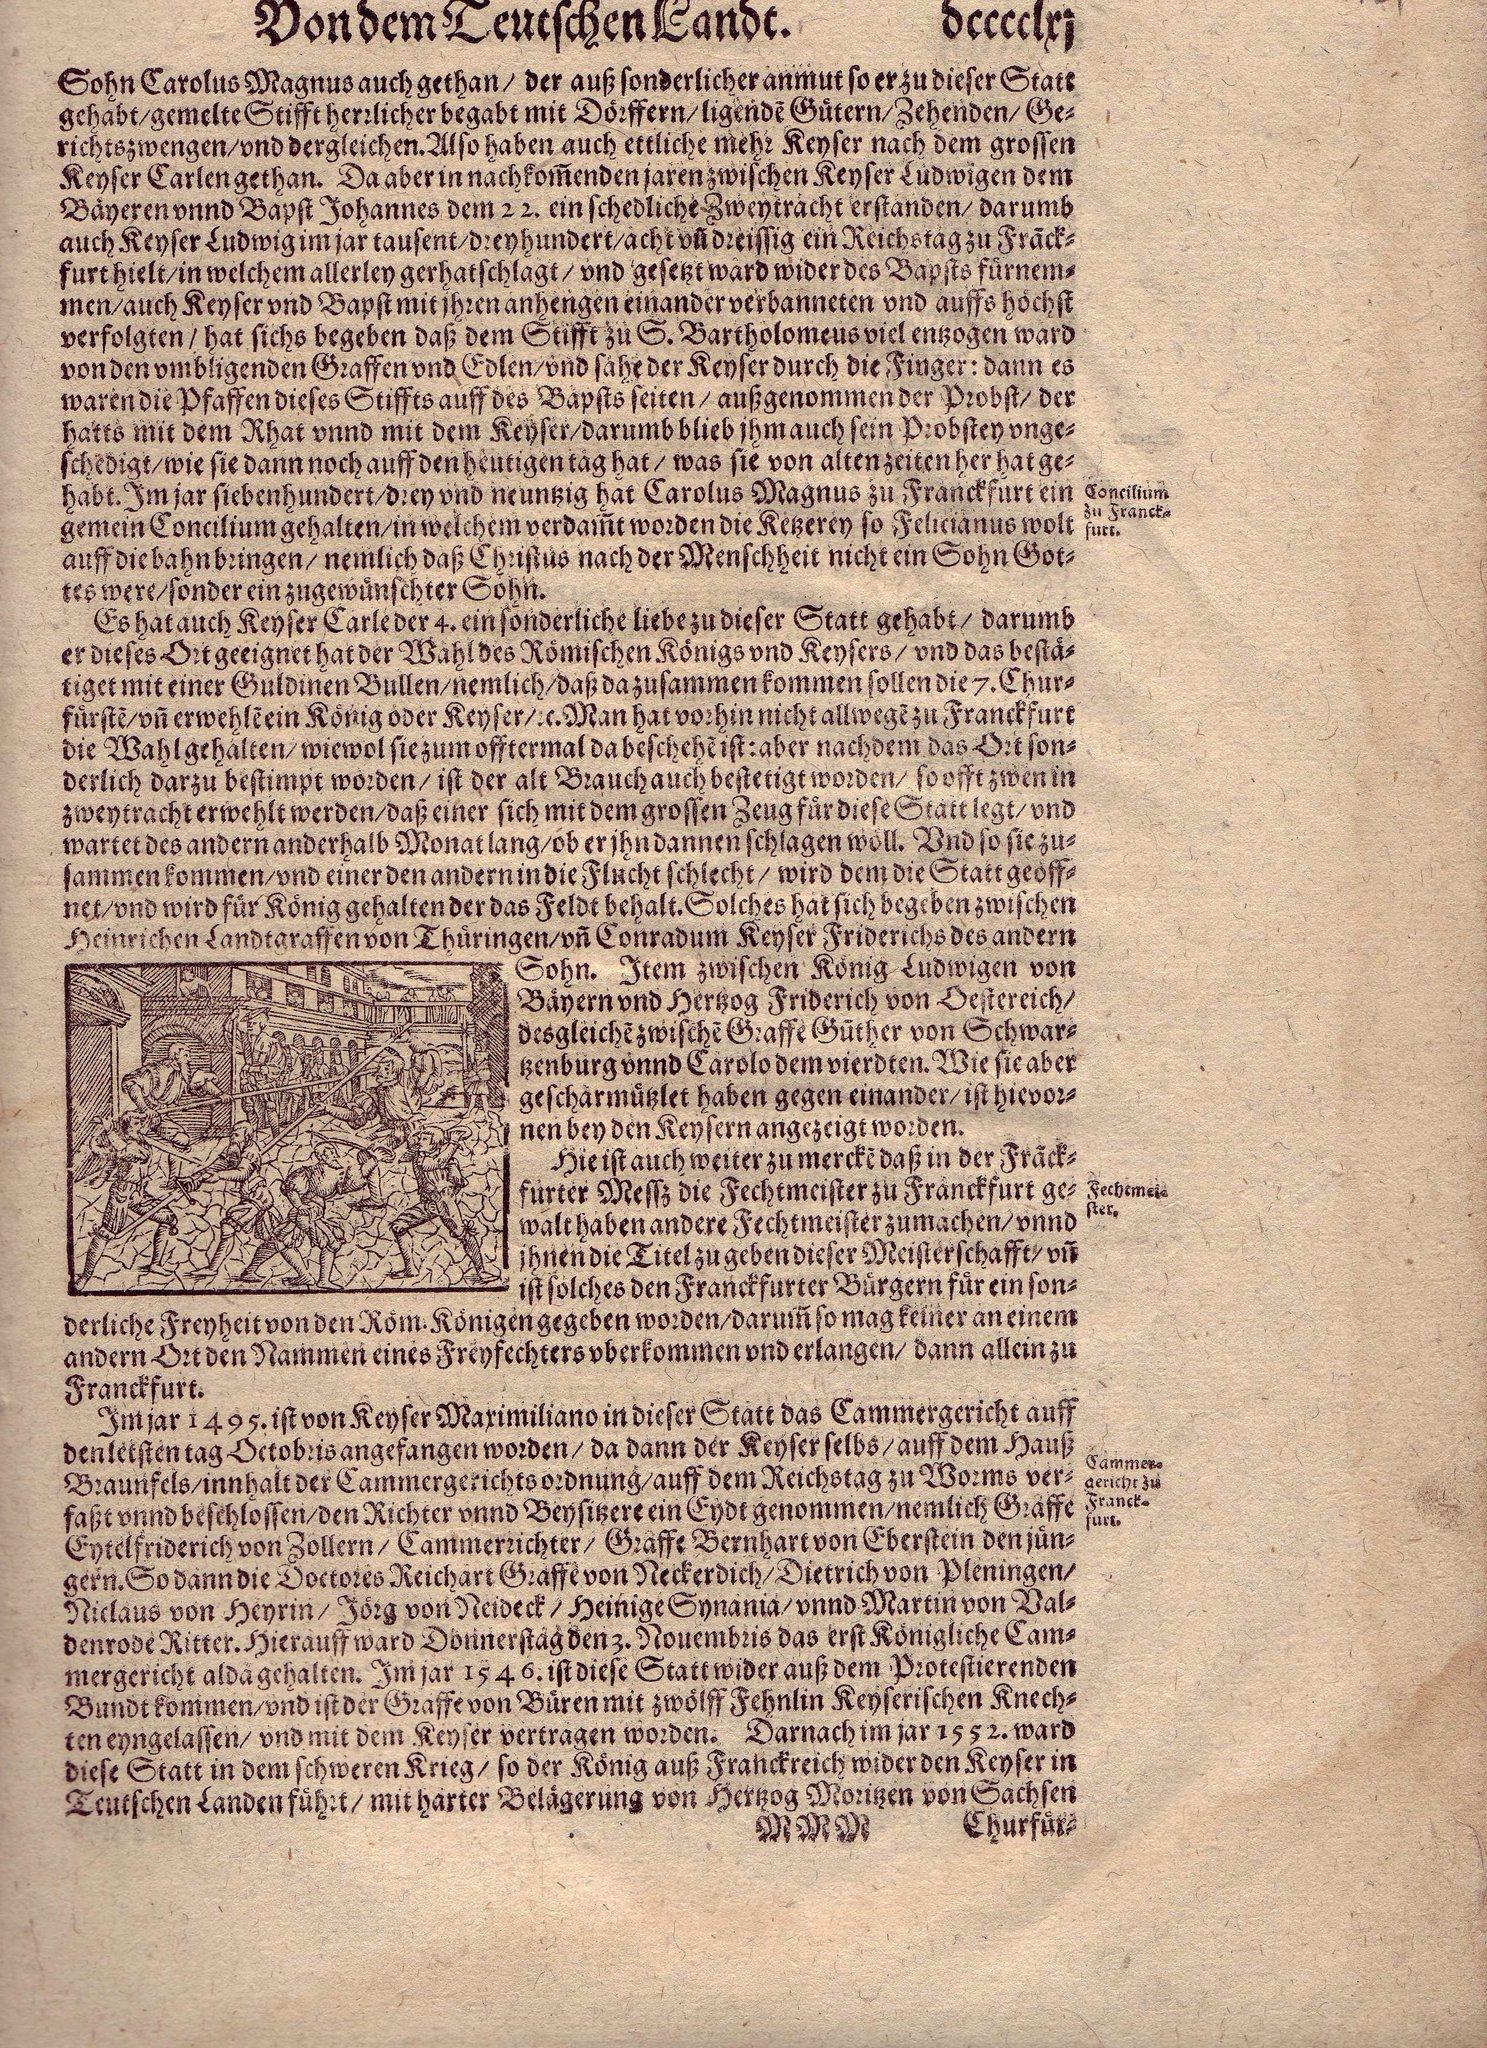 Photo From Sebastian Münster s Cosmographia 1598 http fe - 189059057800248